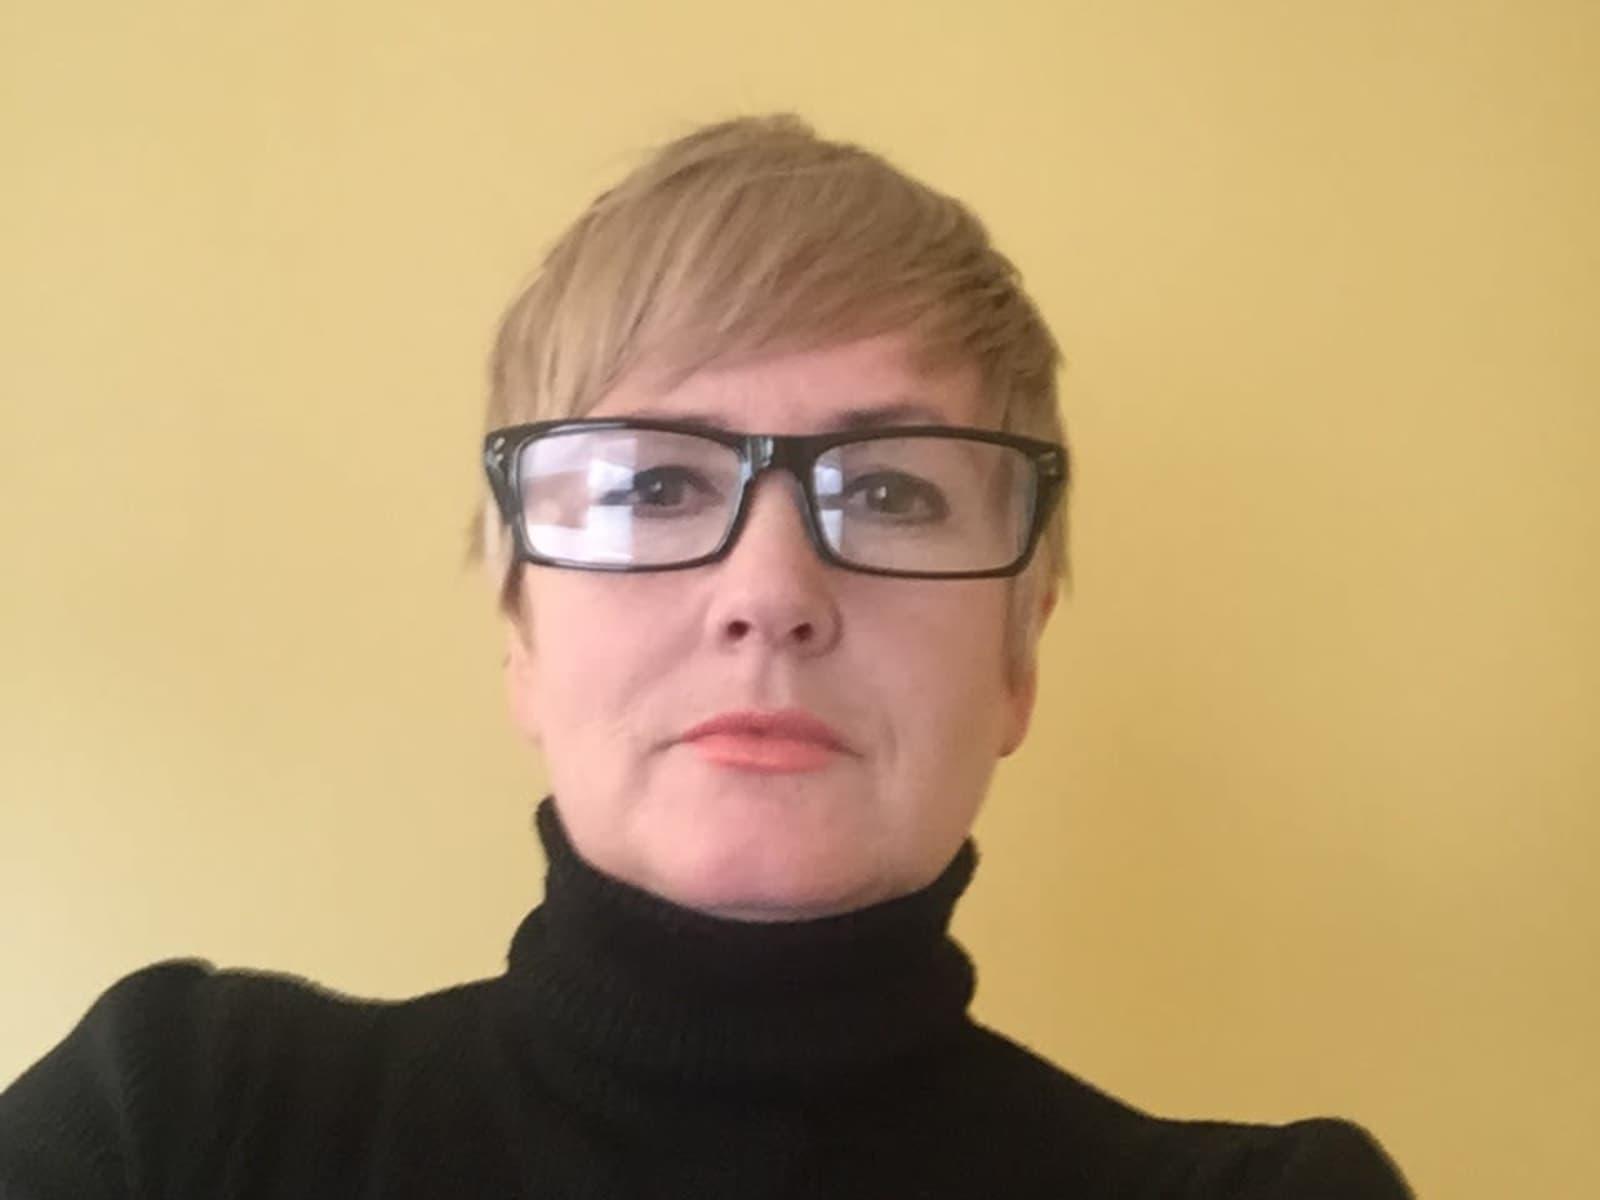 Olivia from Bridlington, United Kingdom